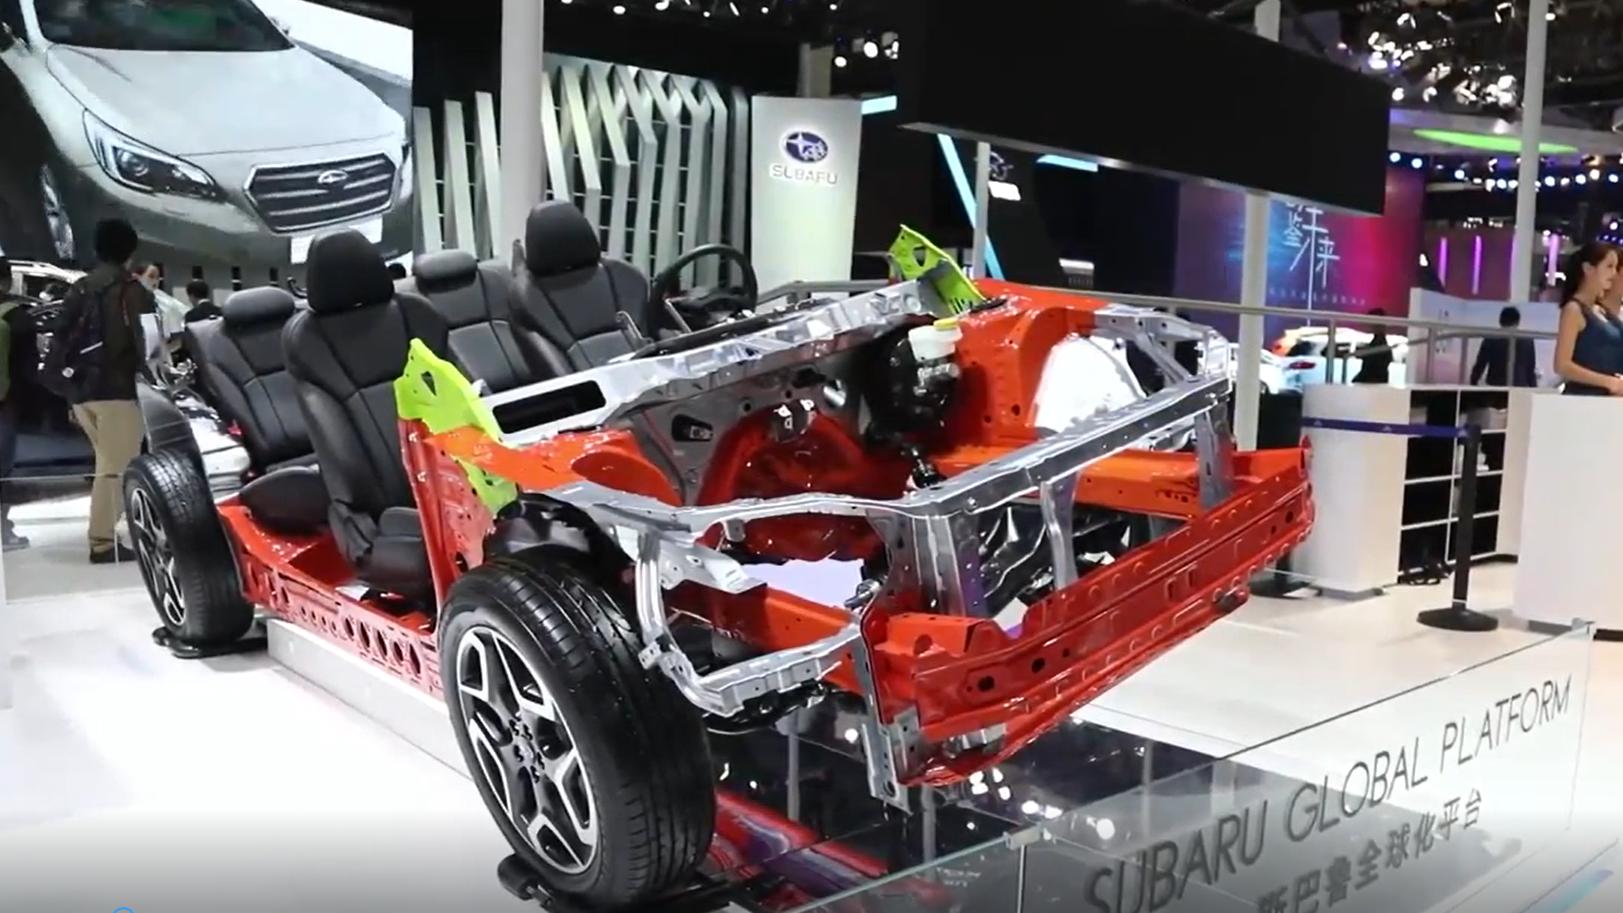 斯巴鲁也赶新能源潮流,2.0L+AWD全时四驱,月底上市